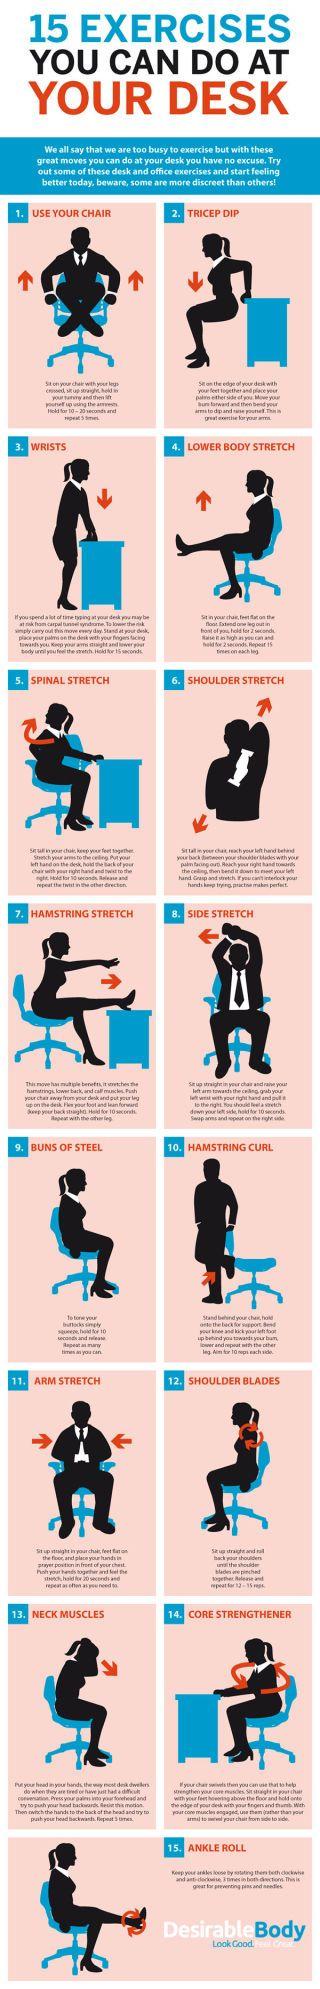 Ejercicios de escritorio: Rutinas para mantenerte en buena forma mientras estás en tu oficina #infografia